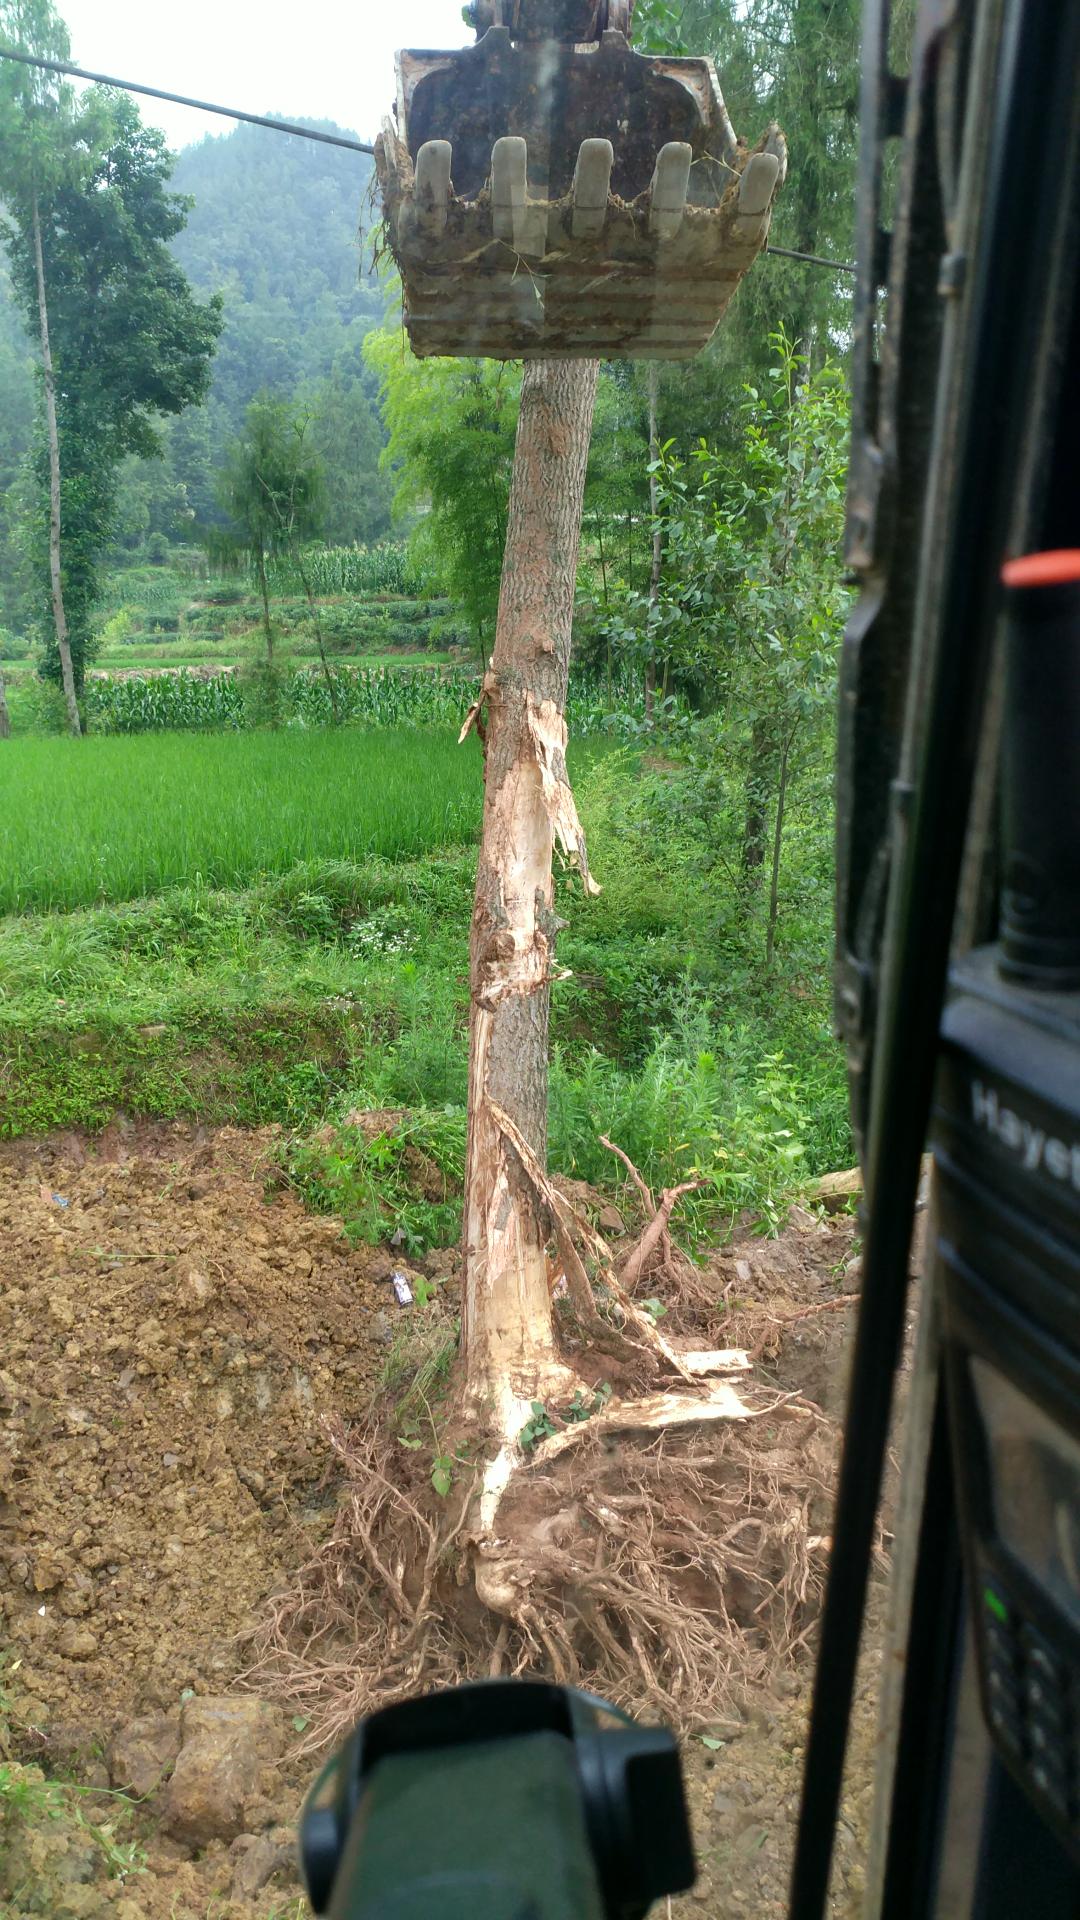 老板指挥不当导致挖机被树砸到驾驶室。